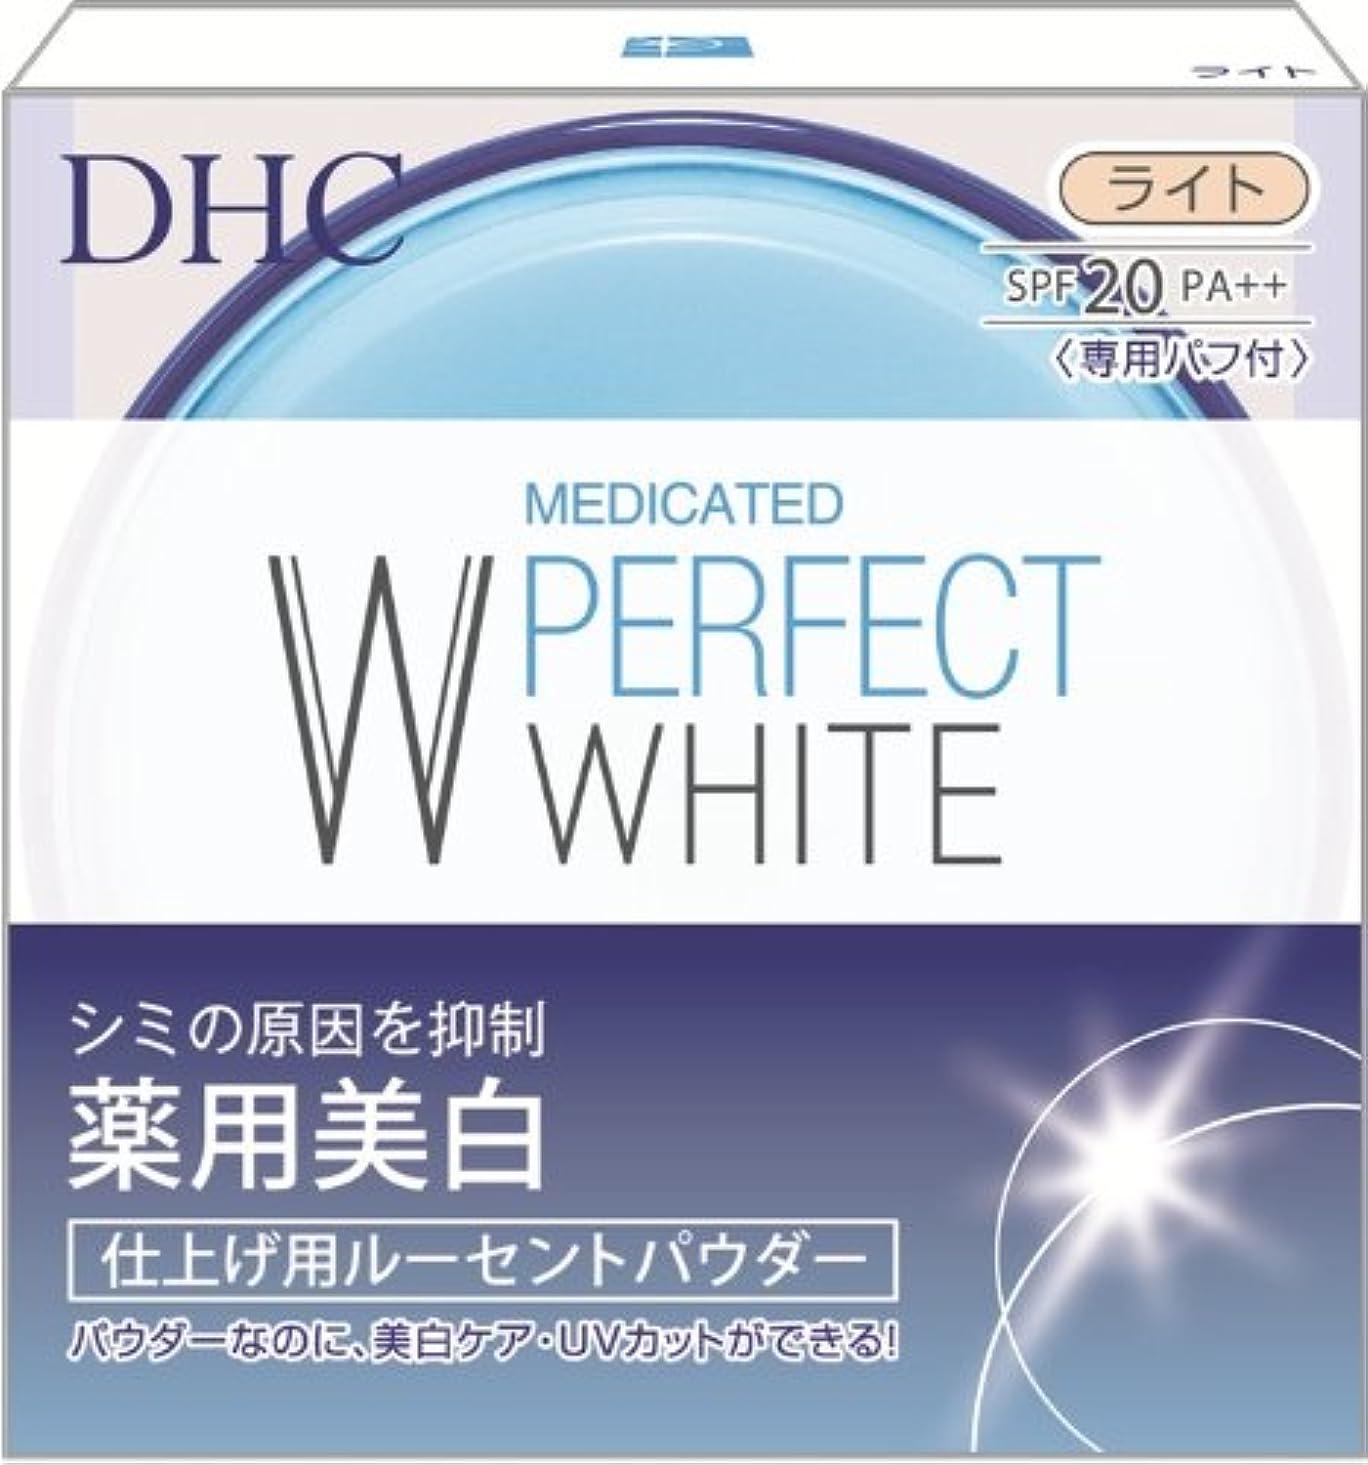 アラバマ便利甘やかすDHC 薬用PWルーセントパウダーライト8g